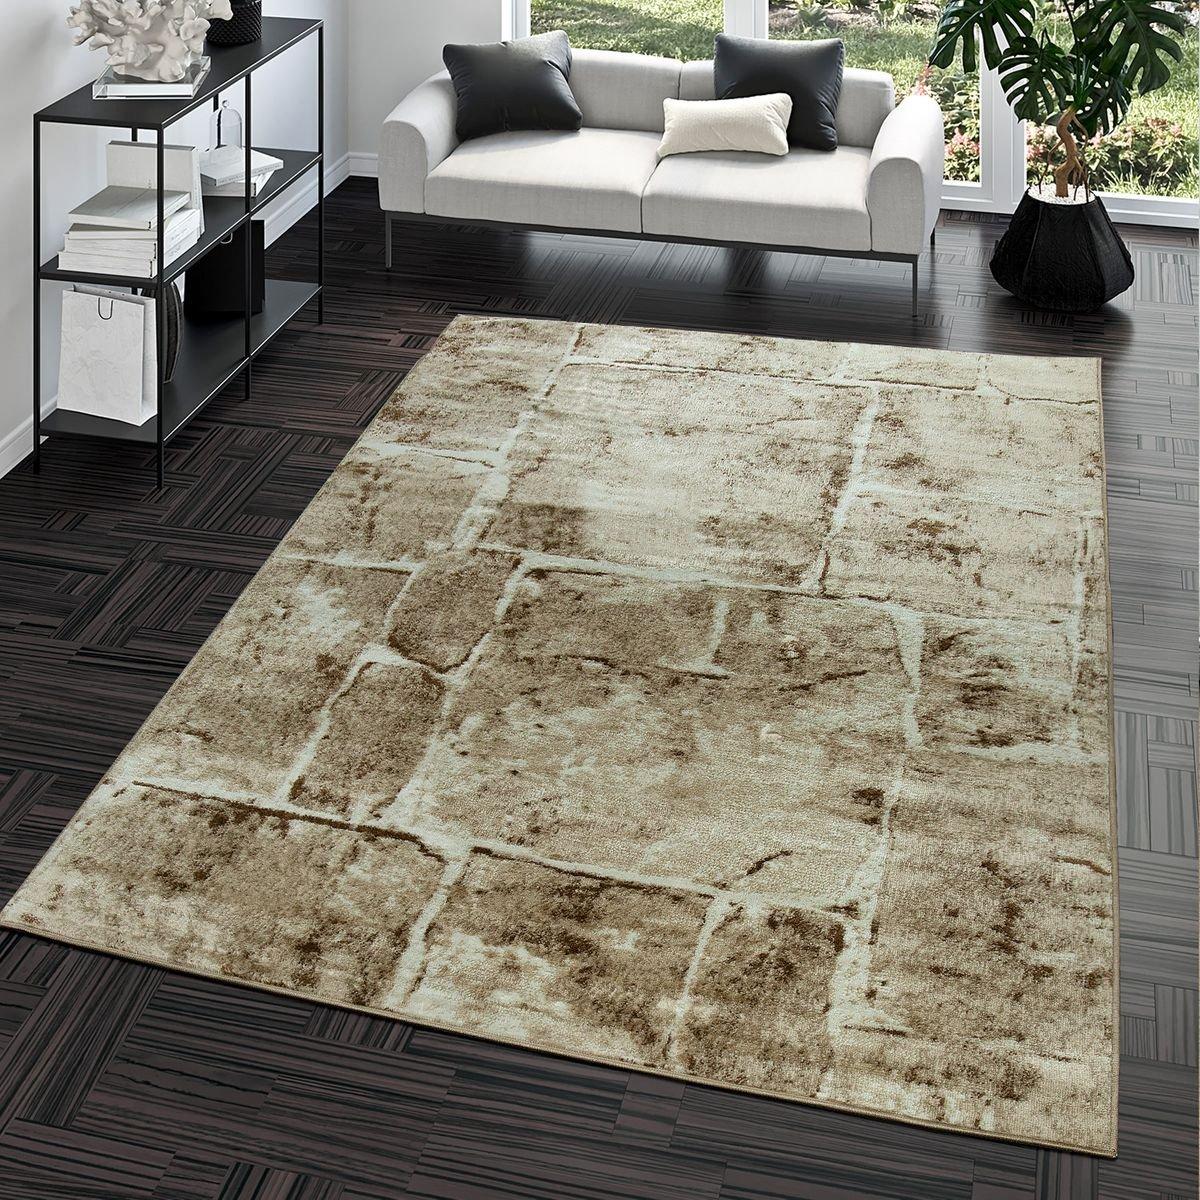 Teppich Steinboden Marmor Optik Design Modern Wohnzimmerteppich Braun Top Preis, Größe 190x280 cm